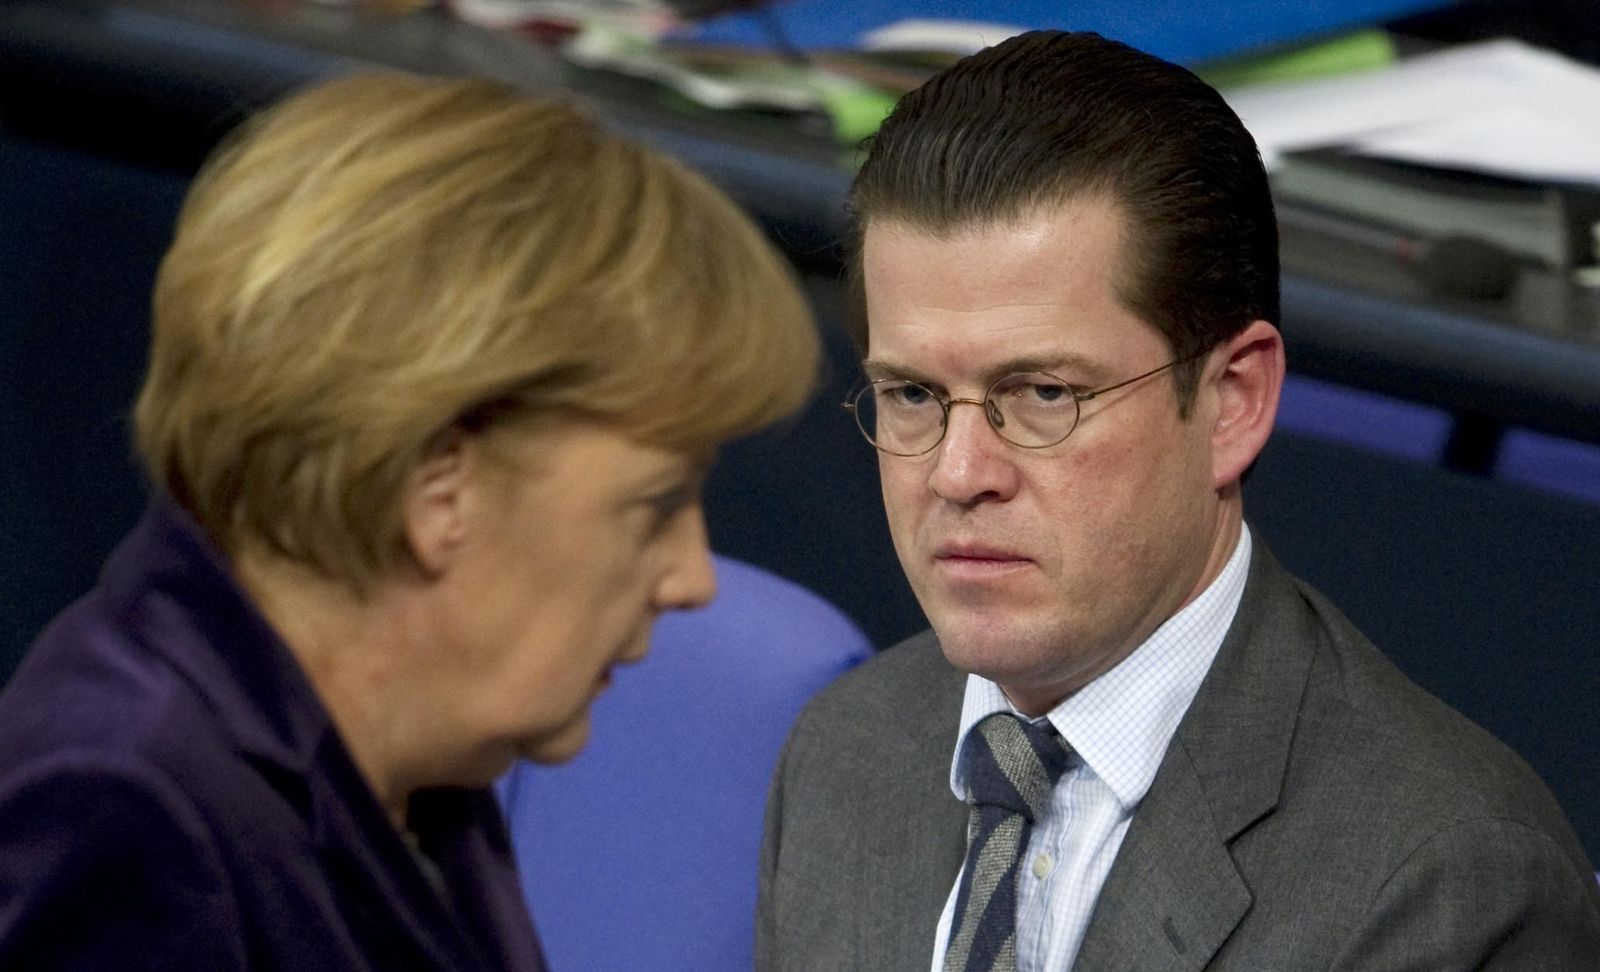 Merkel / Guttenberg